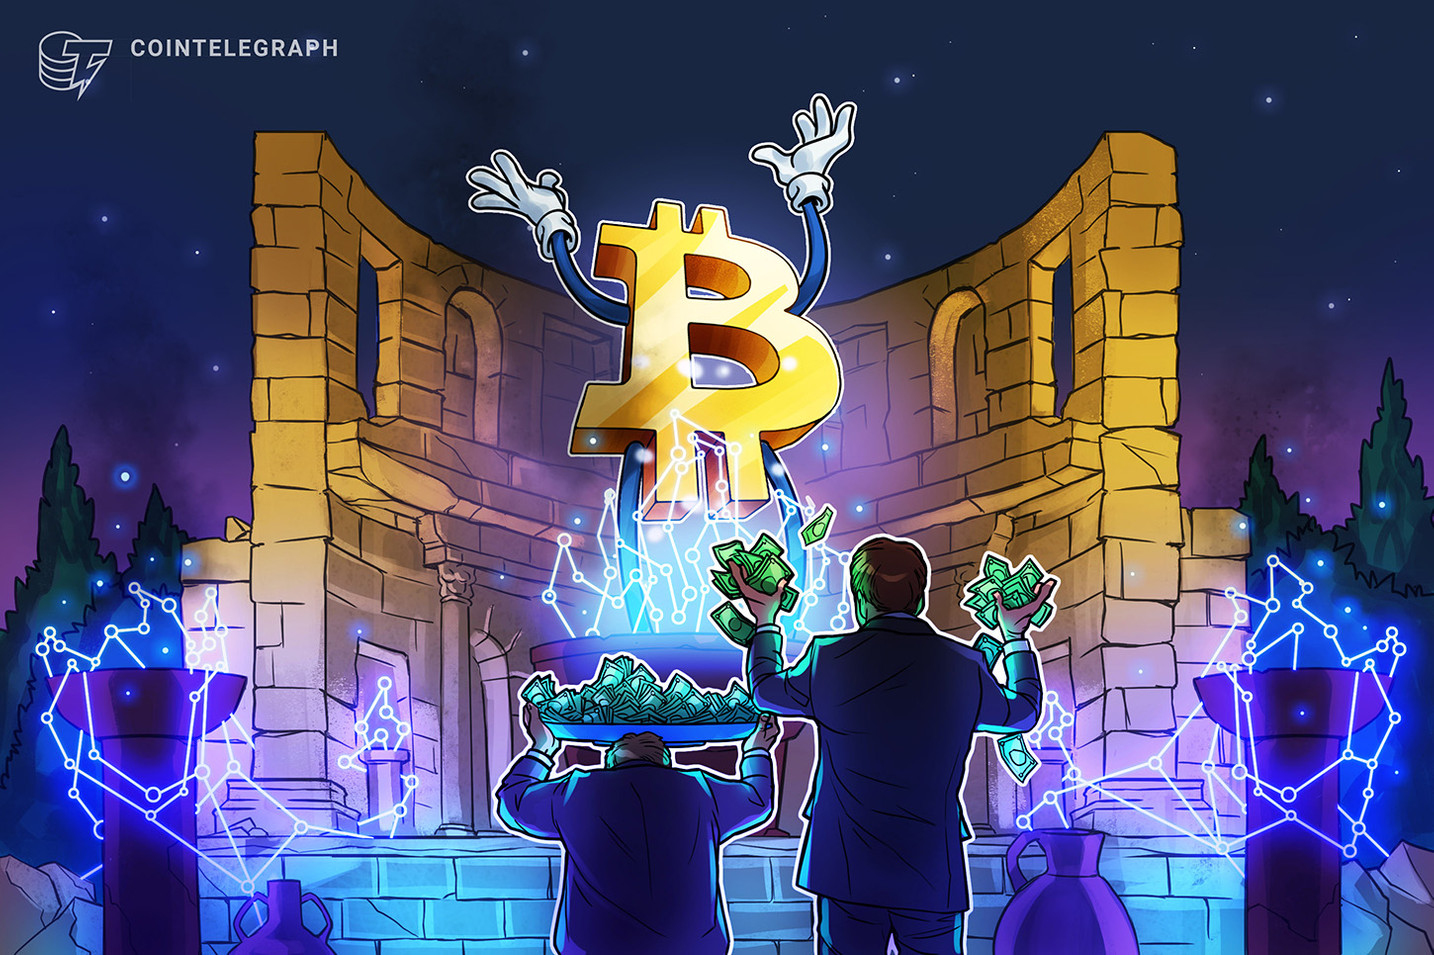 Les adresses Bitcoin actives ont bondi de 30% fin juillet, selon les données